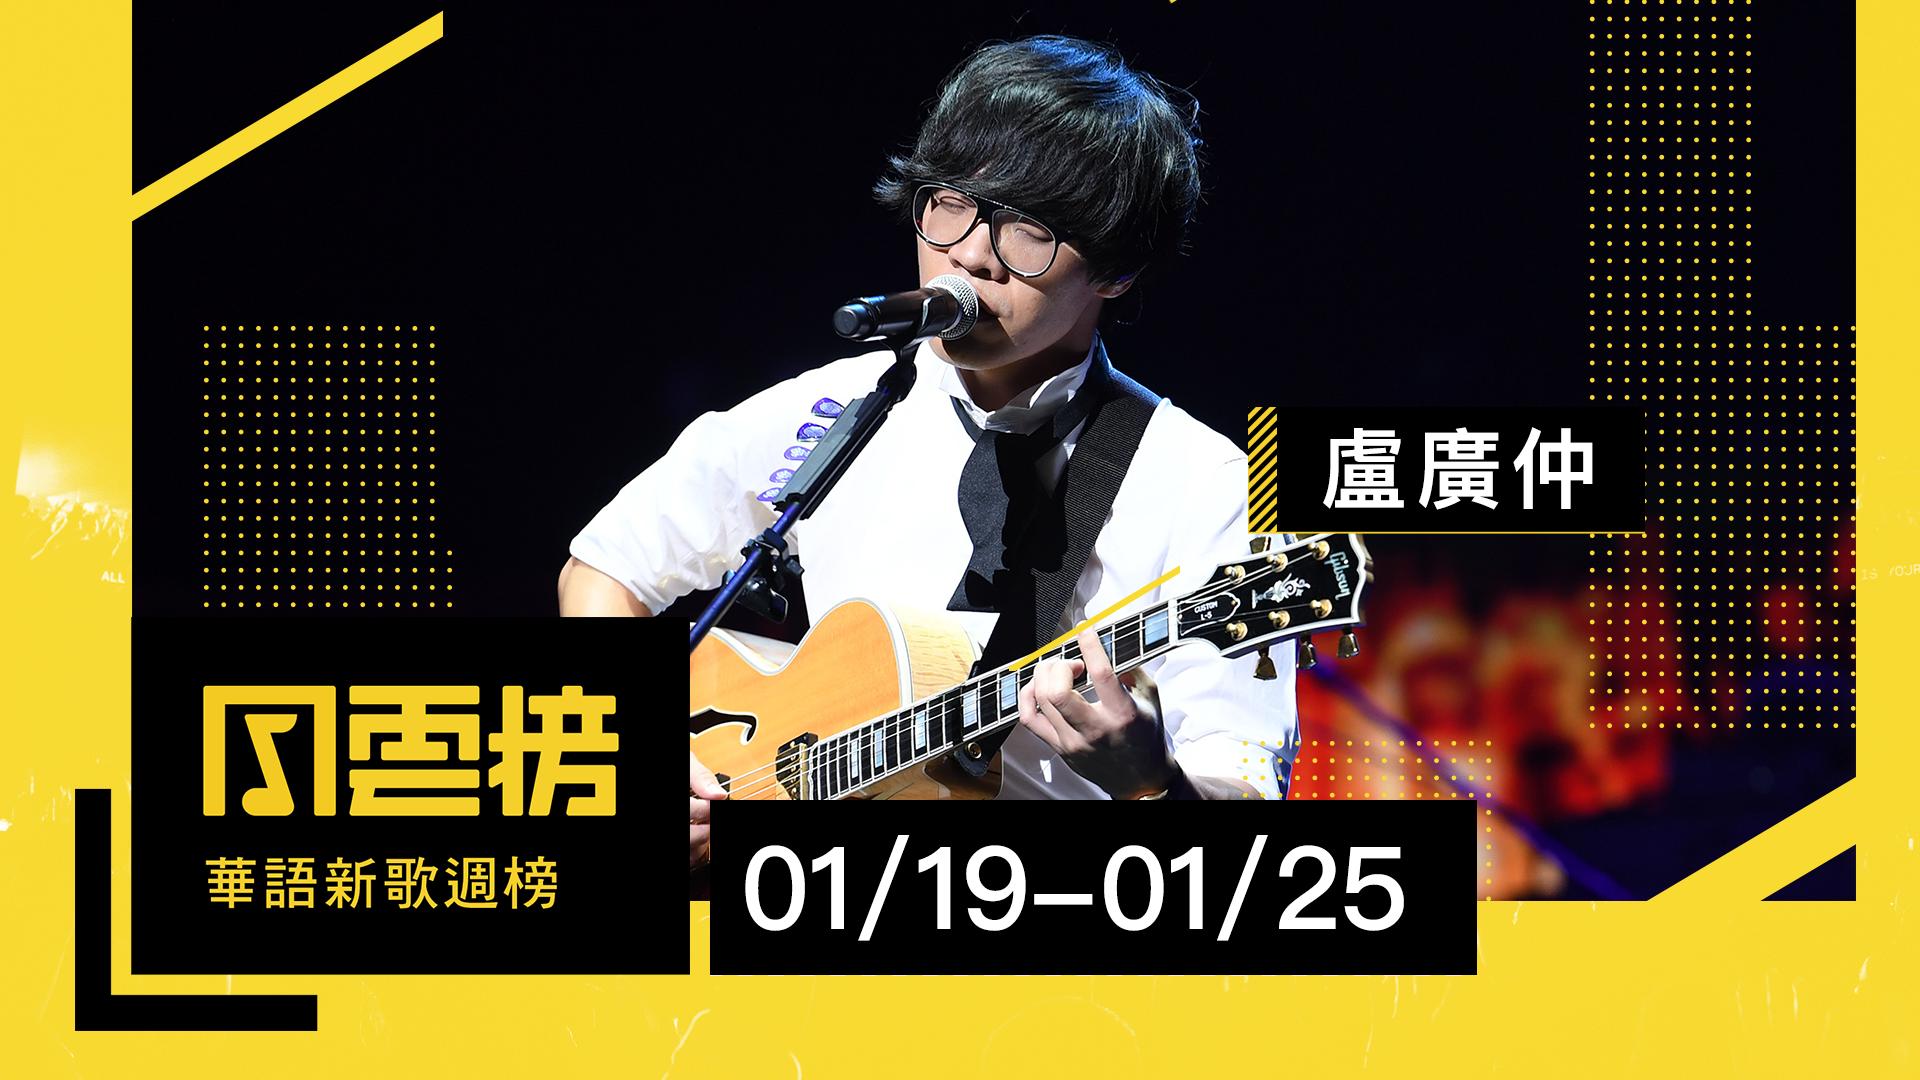 盧廣仲、周杰倫新歌表現非凡,《等你下課》奪冠!KKBOX 華語新歌週榜(1/19-1/25)